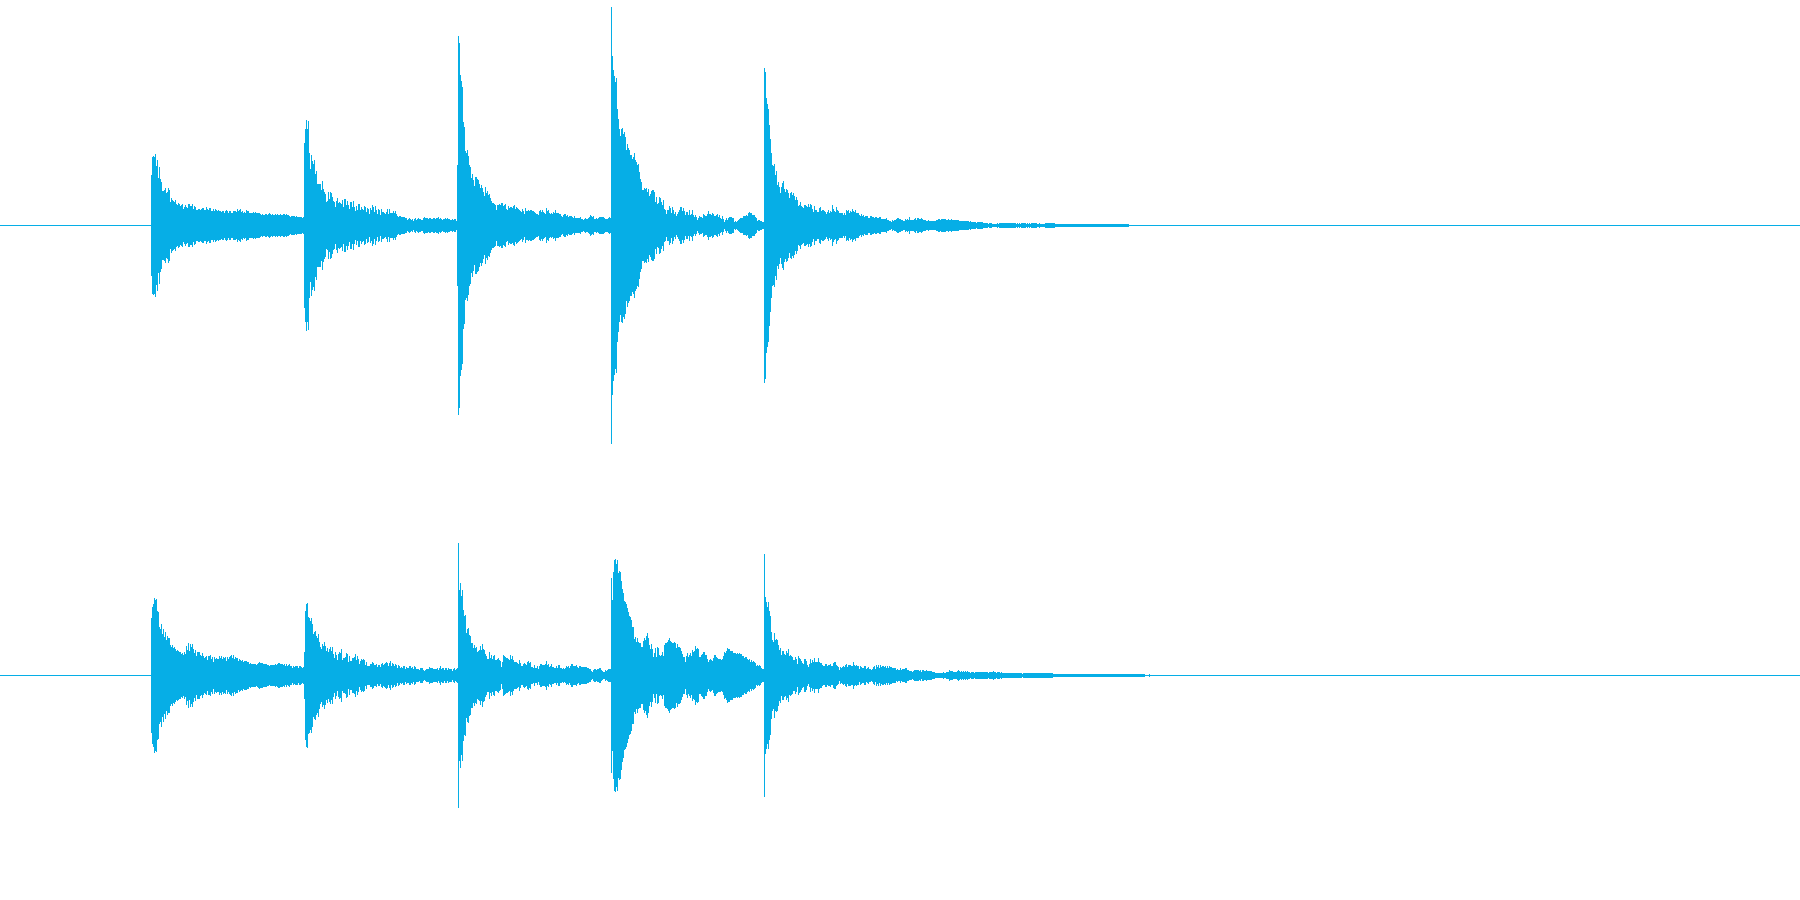 サウンドロゴ・ジングルXylophoneの再生済みの波形